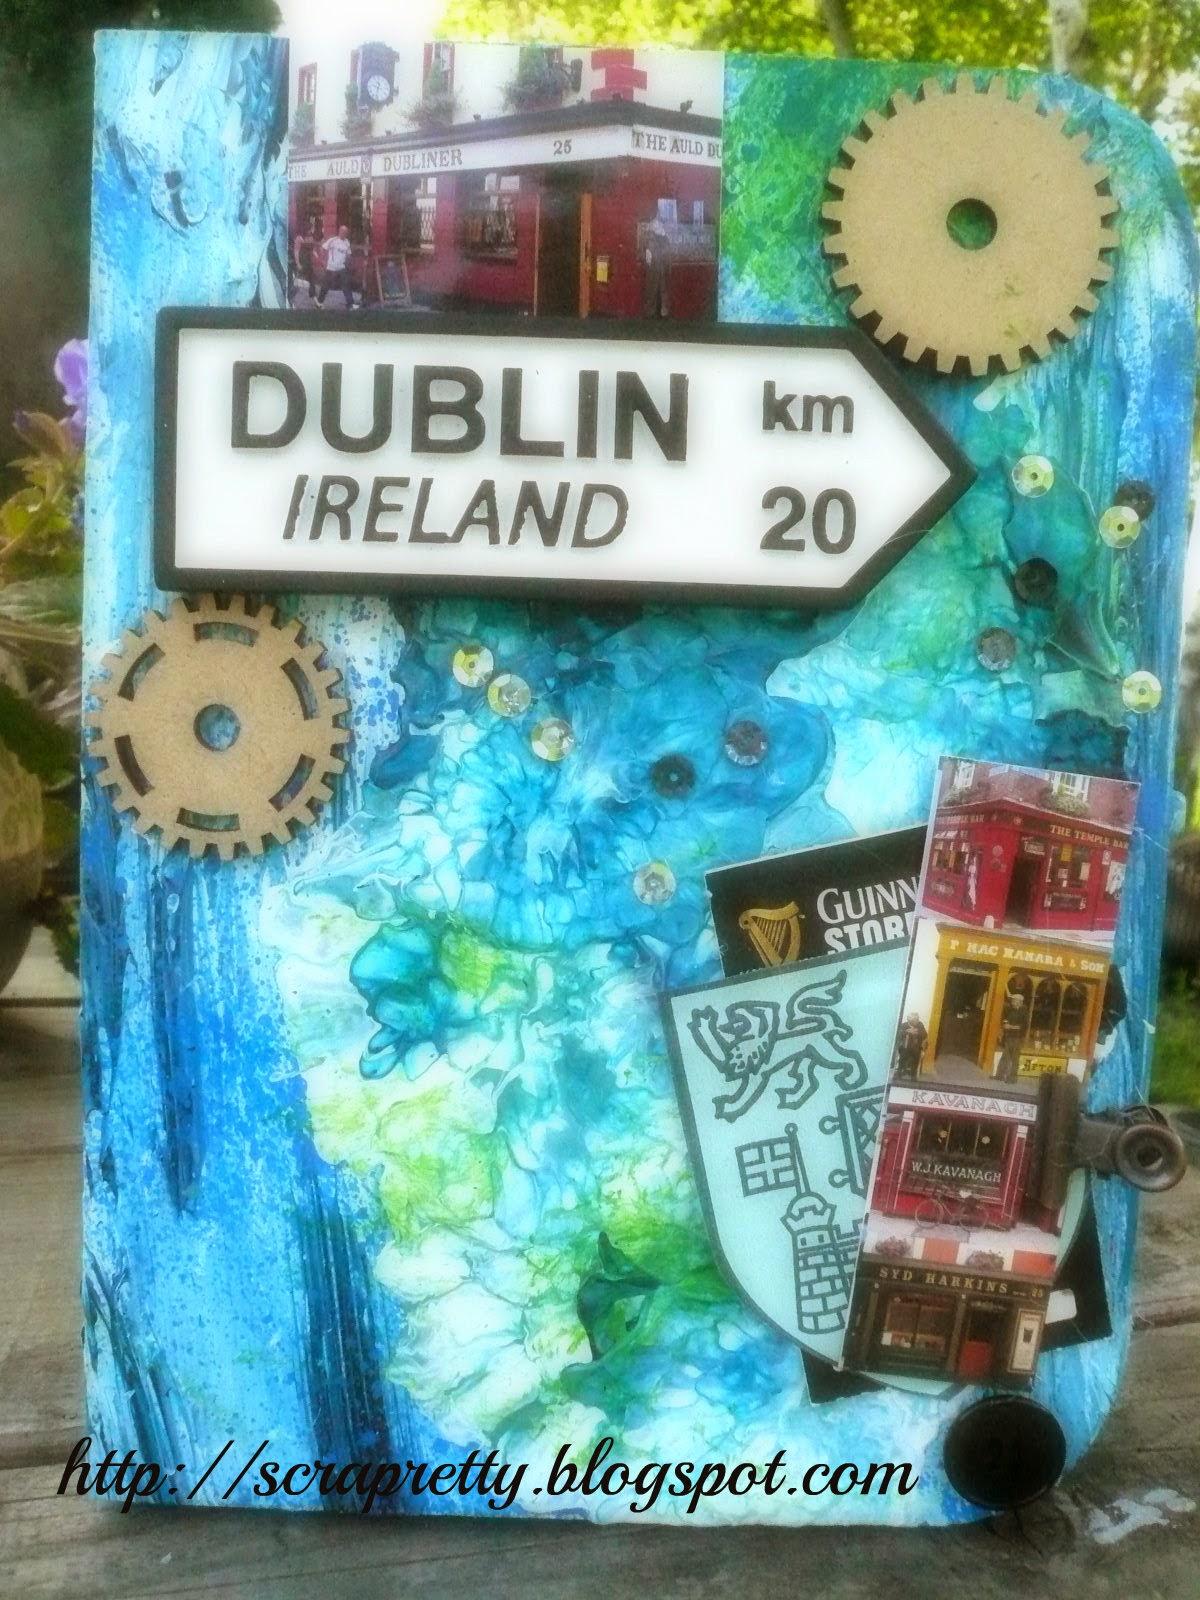 ALBUM: DUBLIN